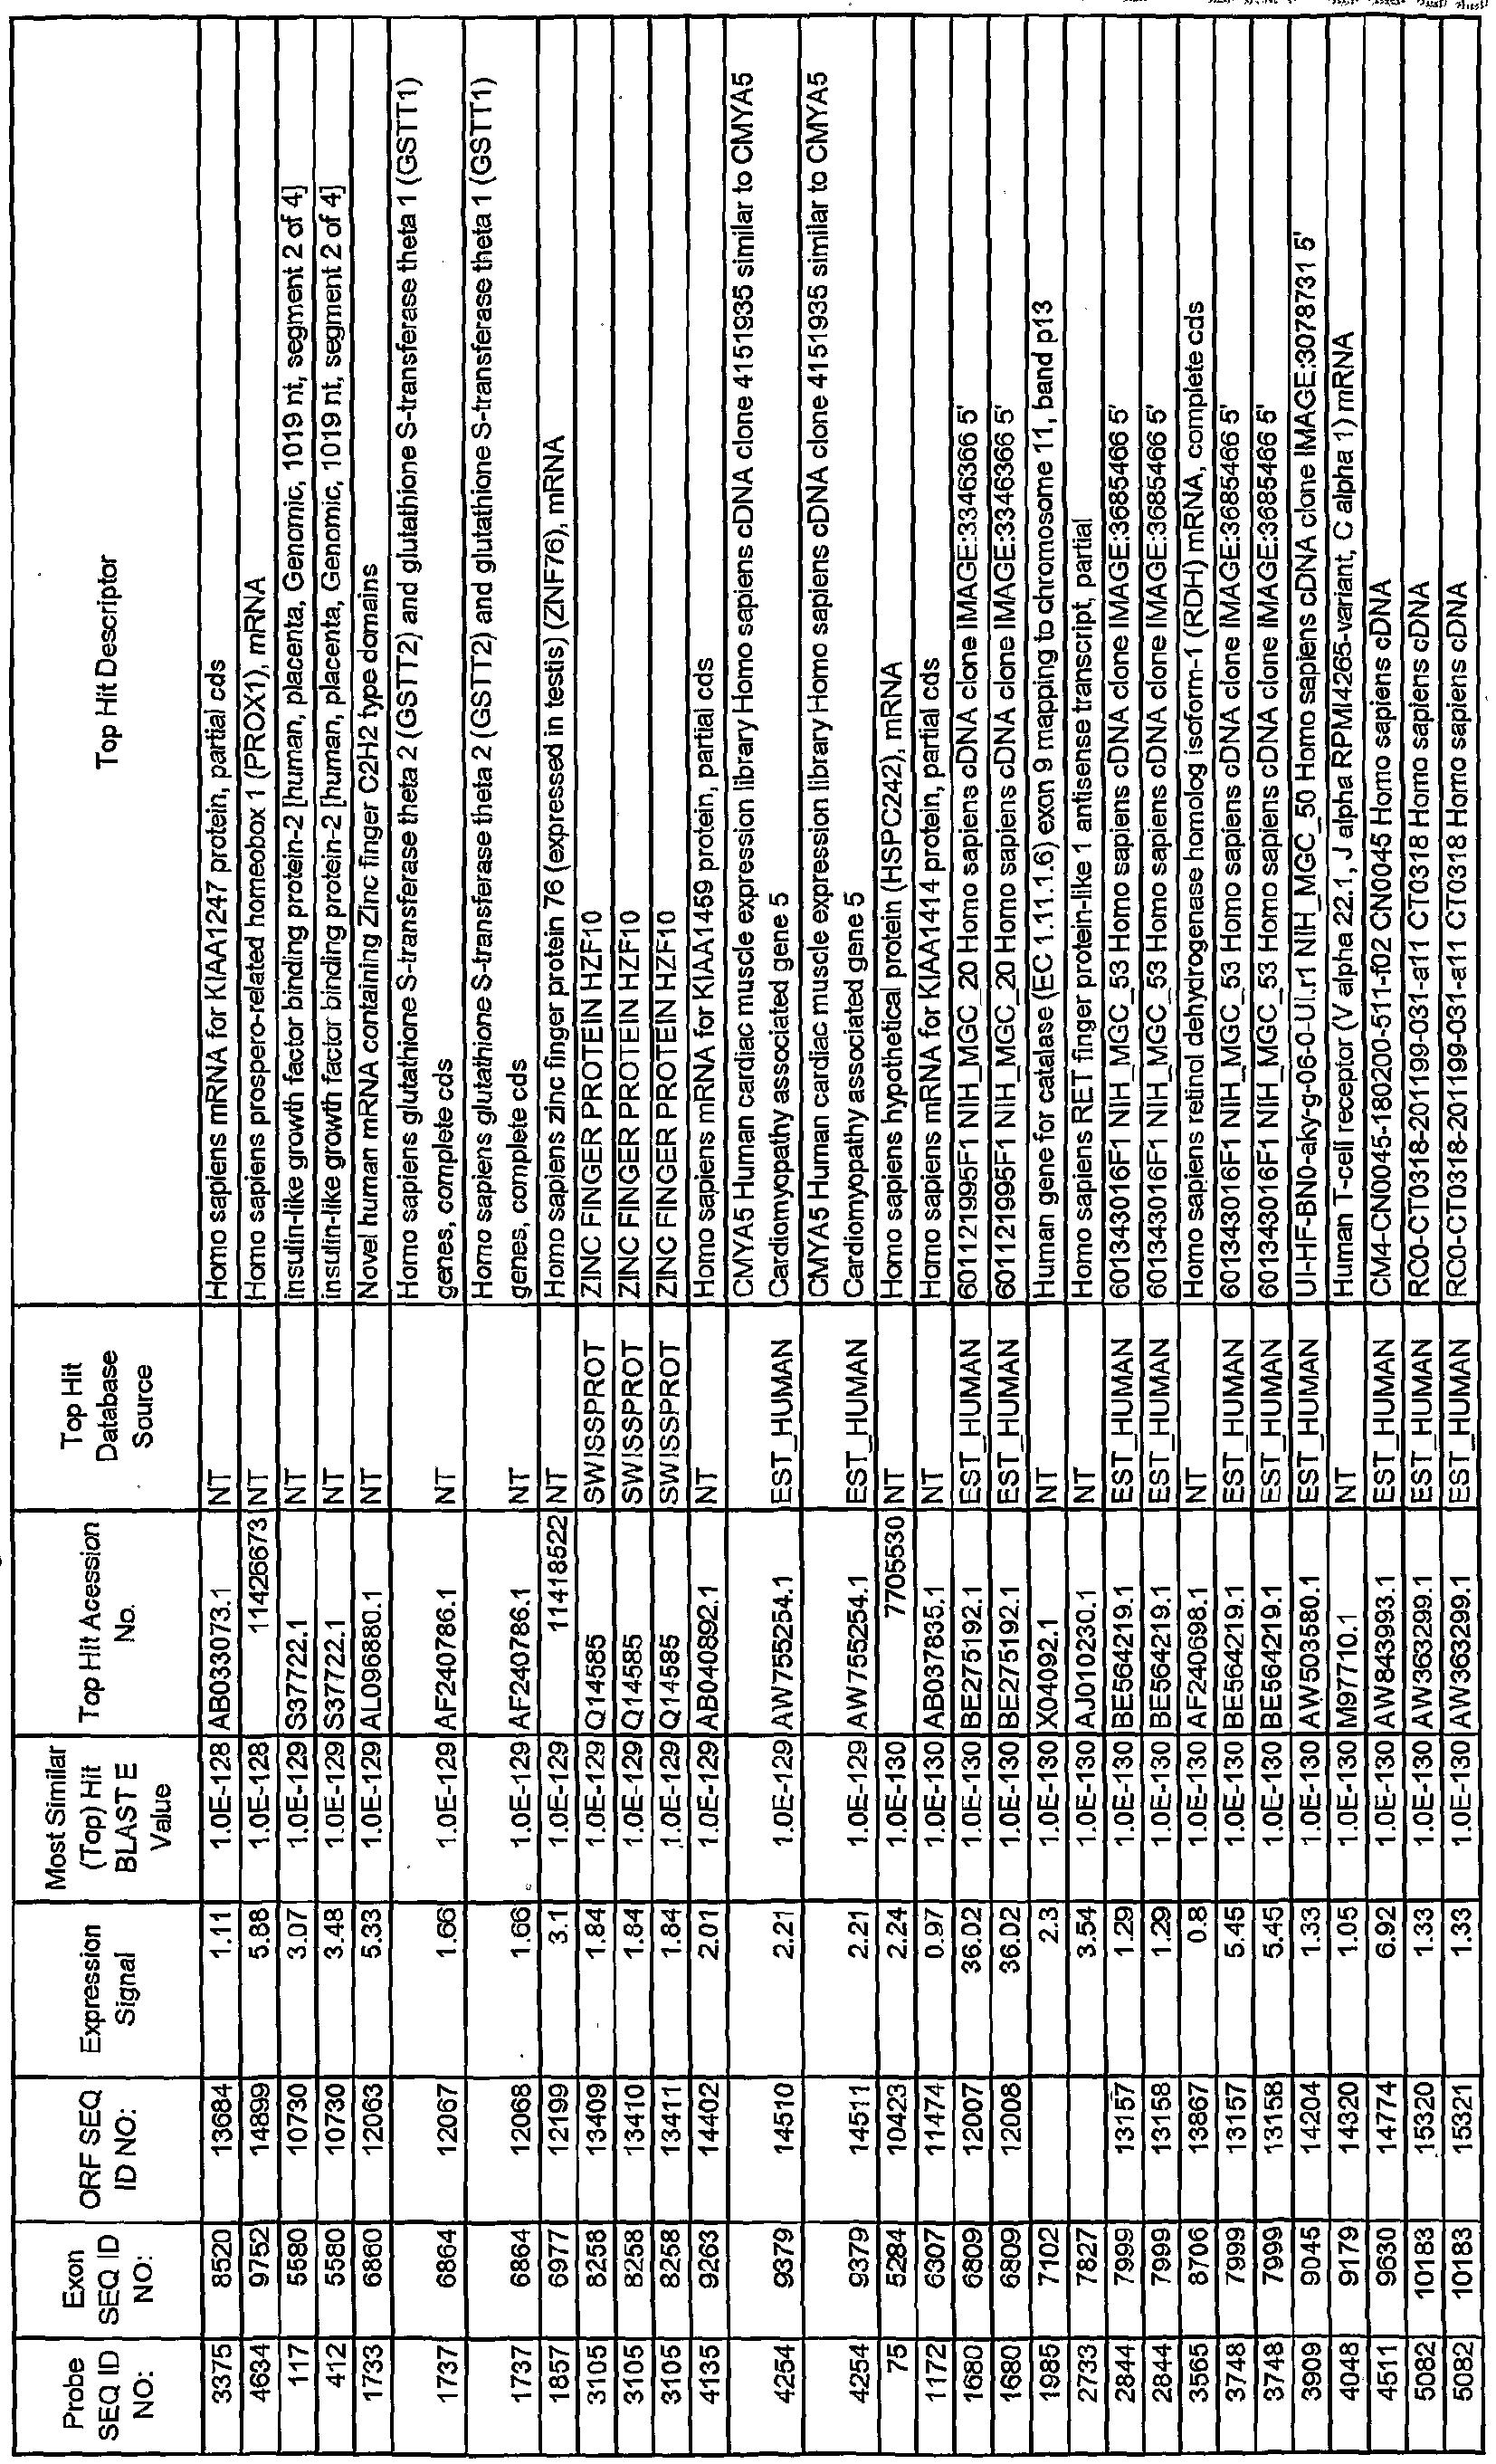 Figure imgf000273_0001